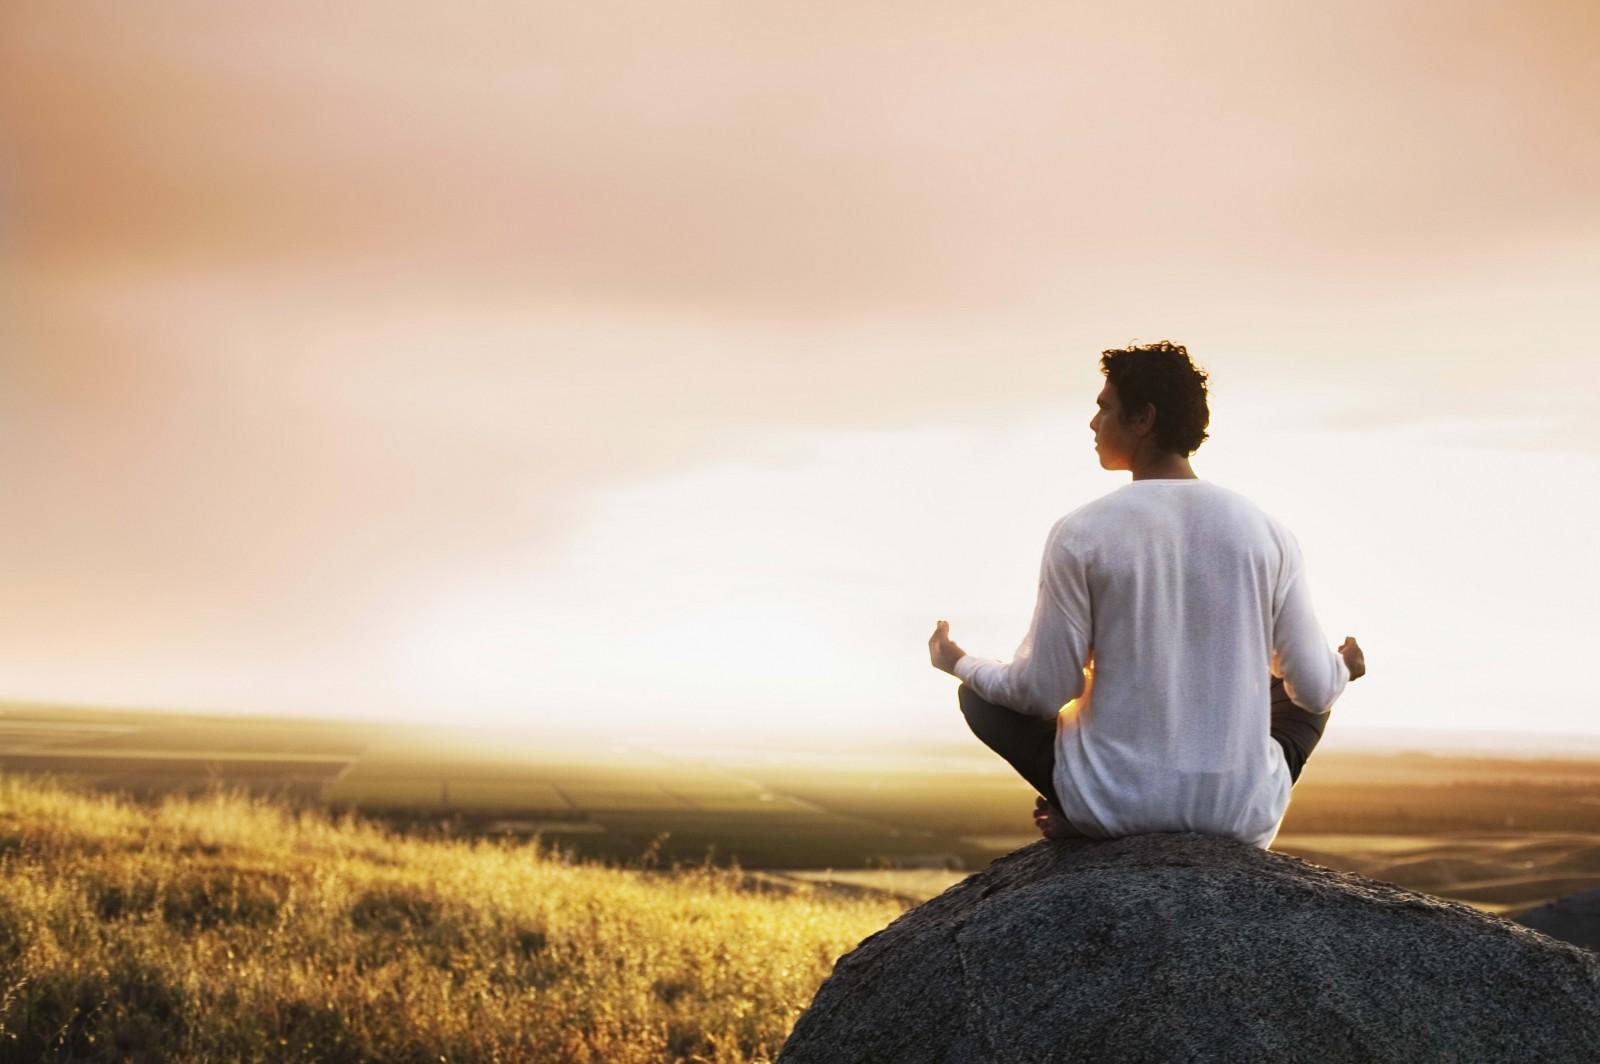 Человек может воспринимать себя, свою группу общения и незнакомое сообщество